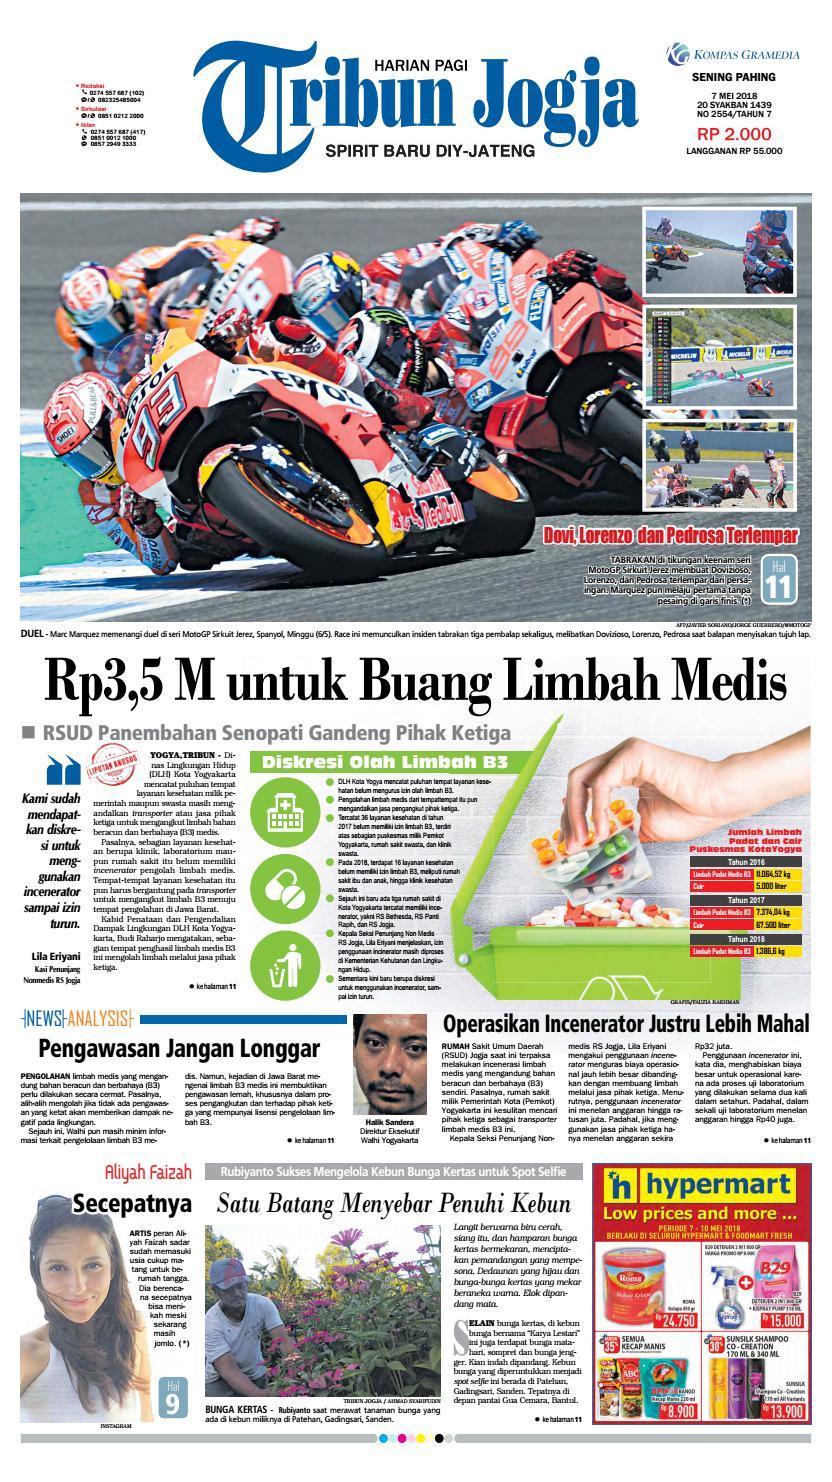 tribunjogja 07 05 2018 by tribun jogja issuu240 Barisan Kasir Minimarket Ini Bisa Bikin Kamu Betah Belanja Di Minimarket Guys #11